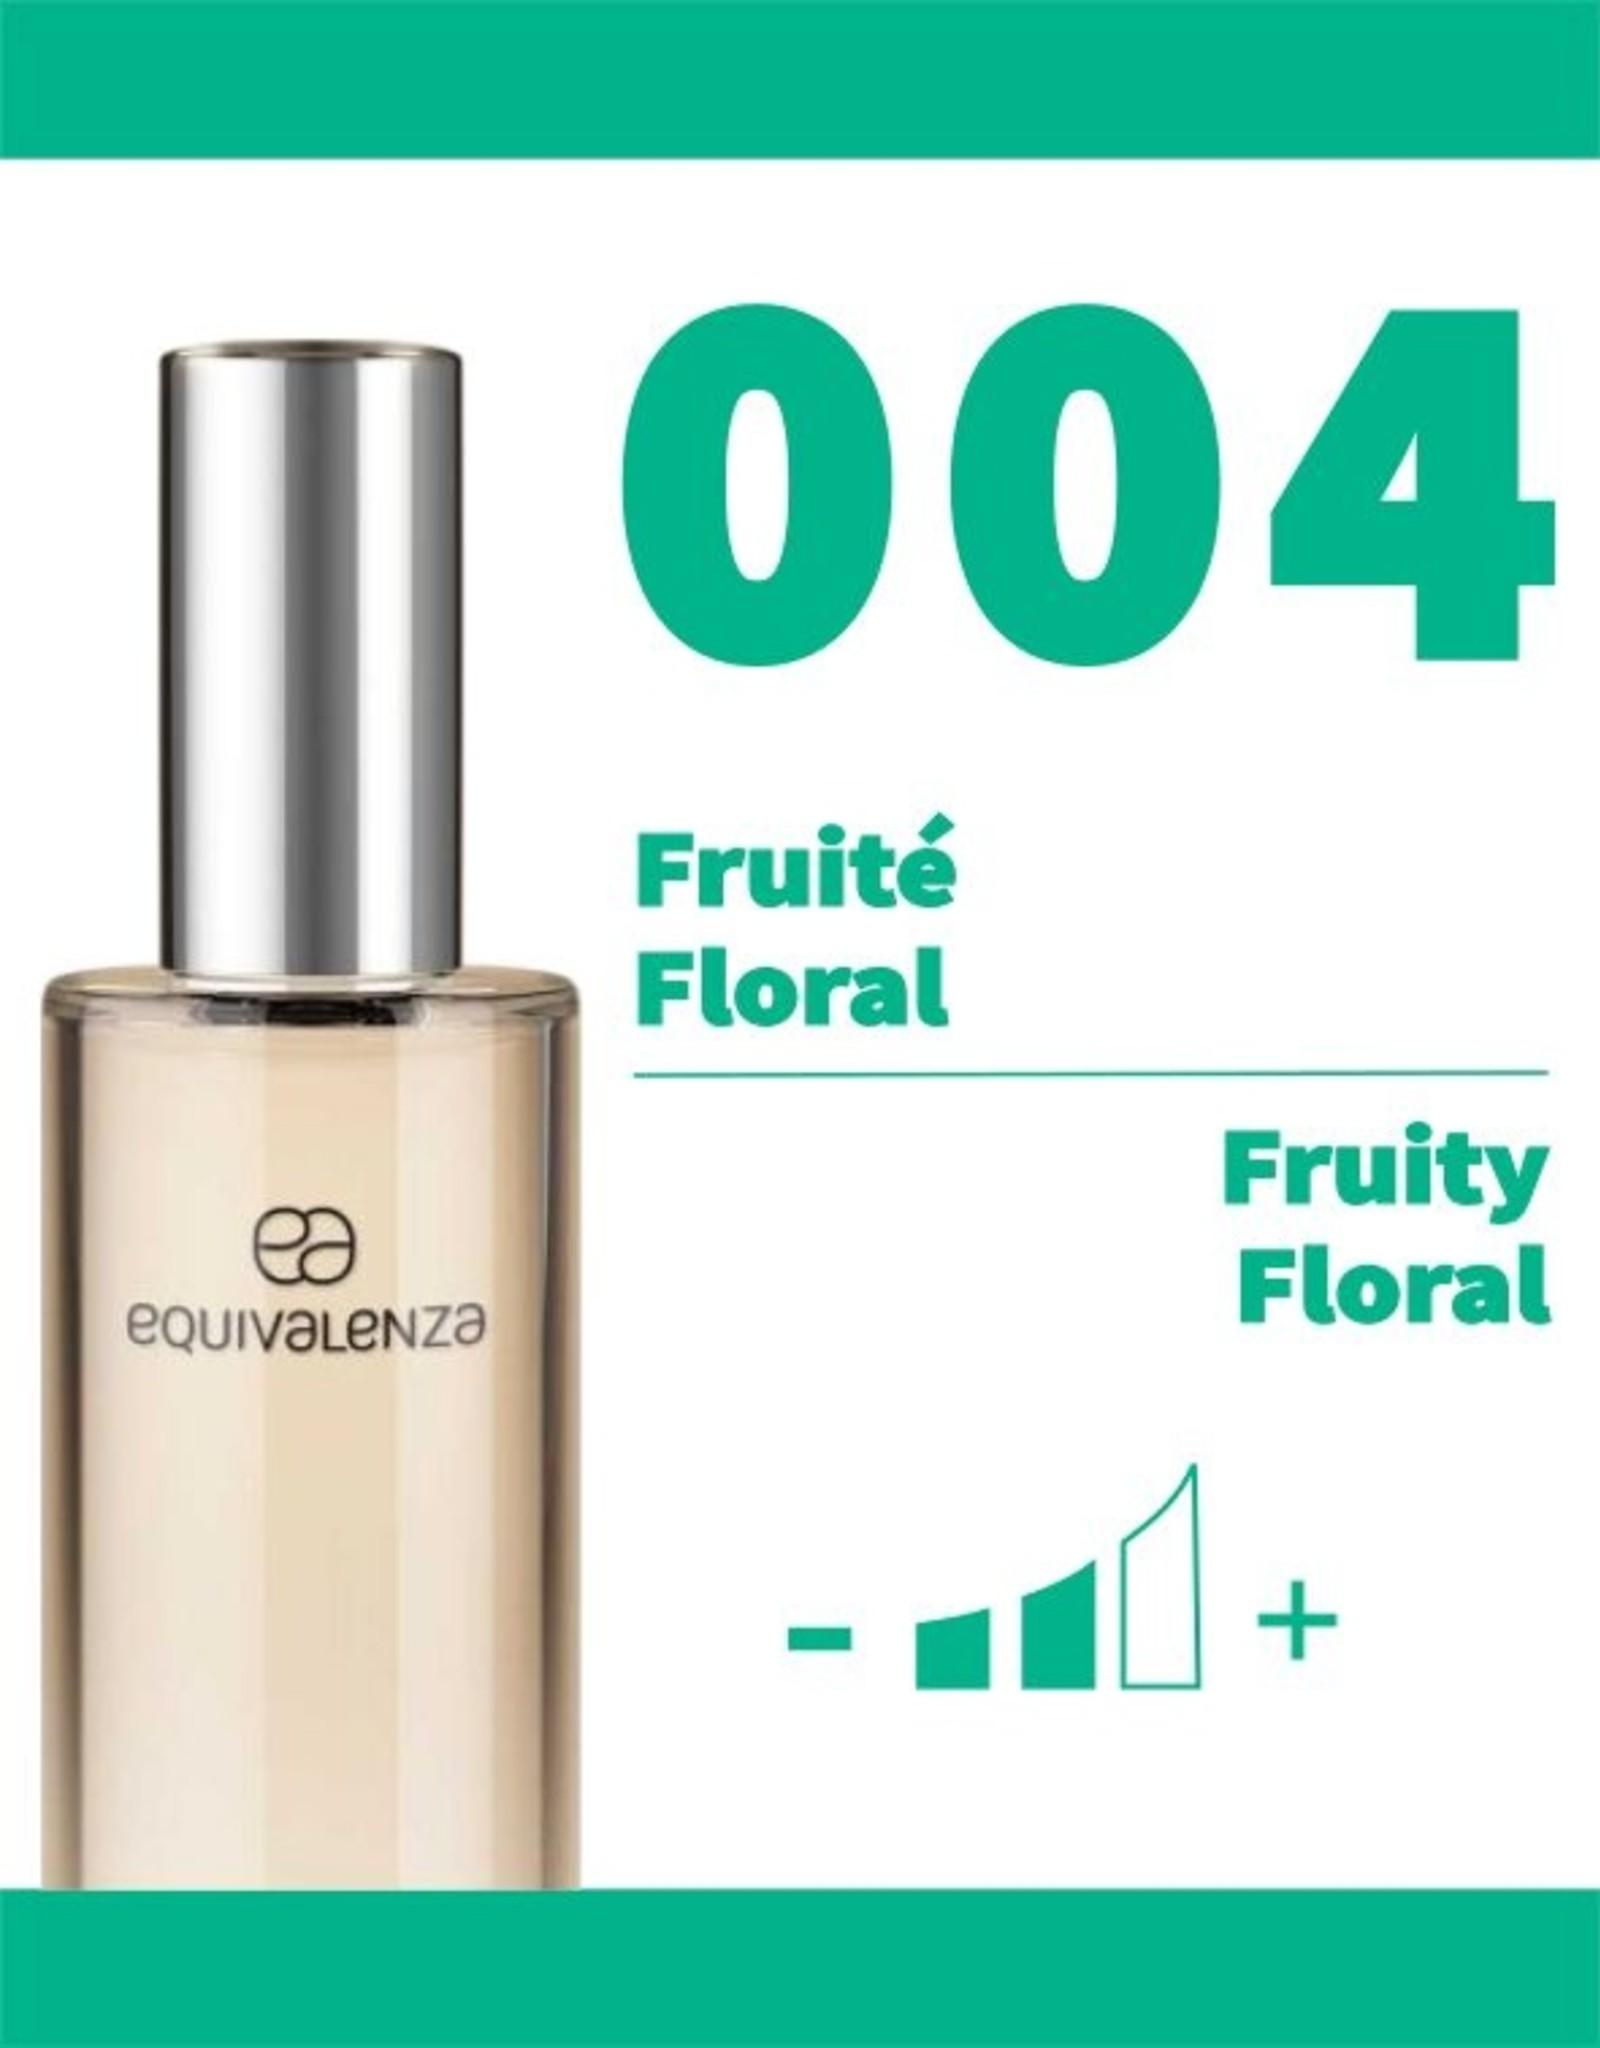 Equivalenza Eau de Toilette Fruité Floral 004